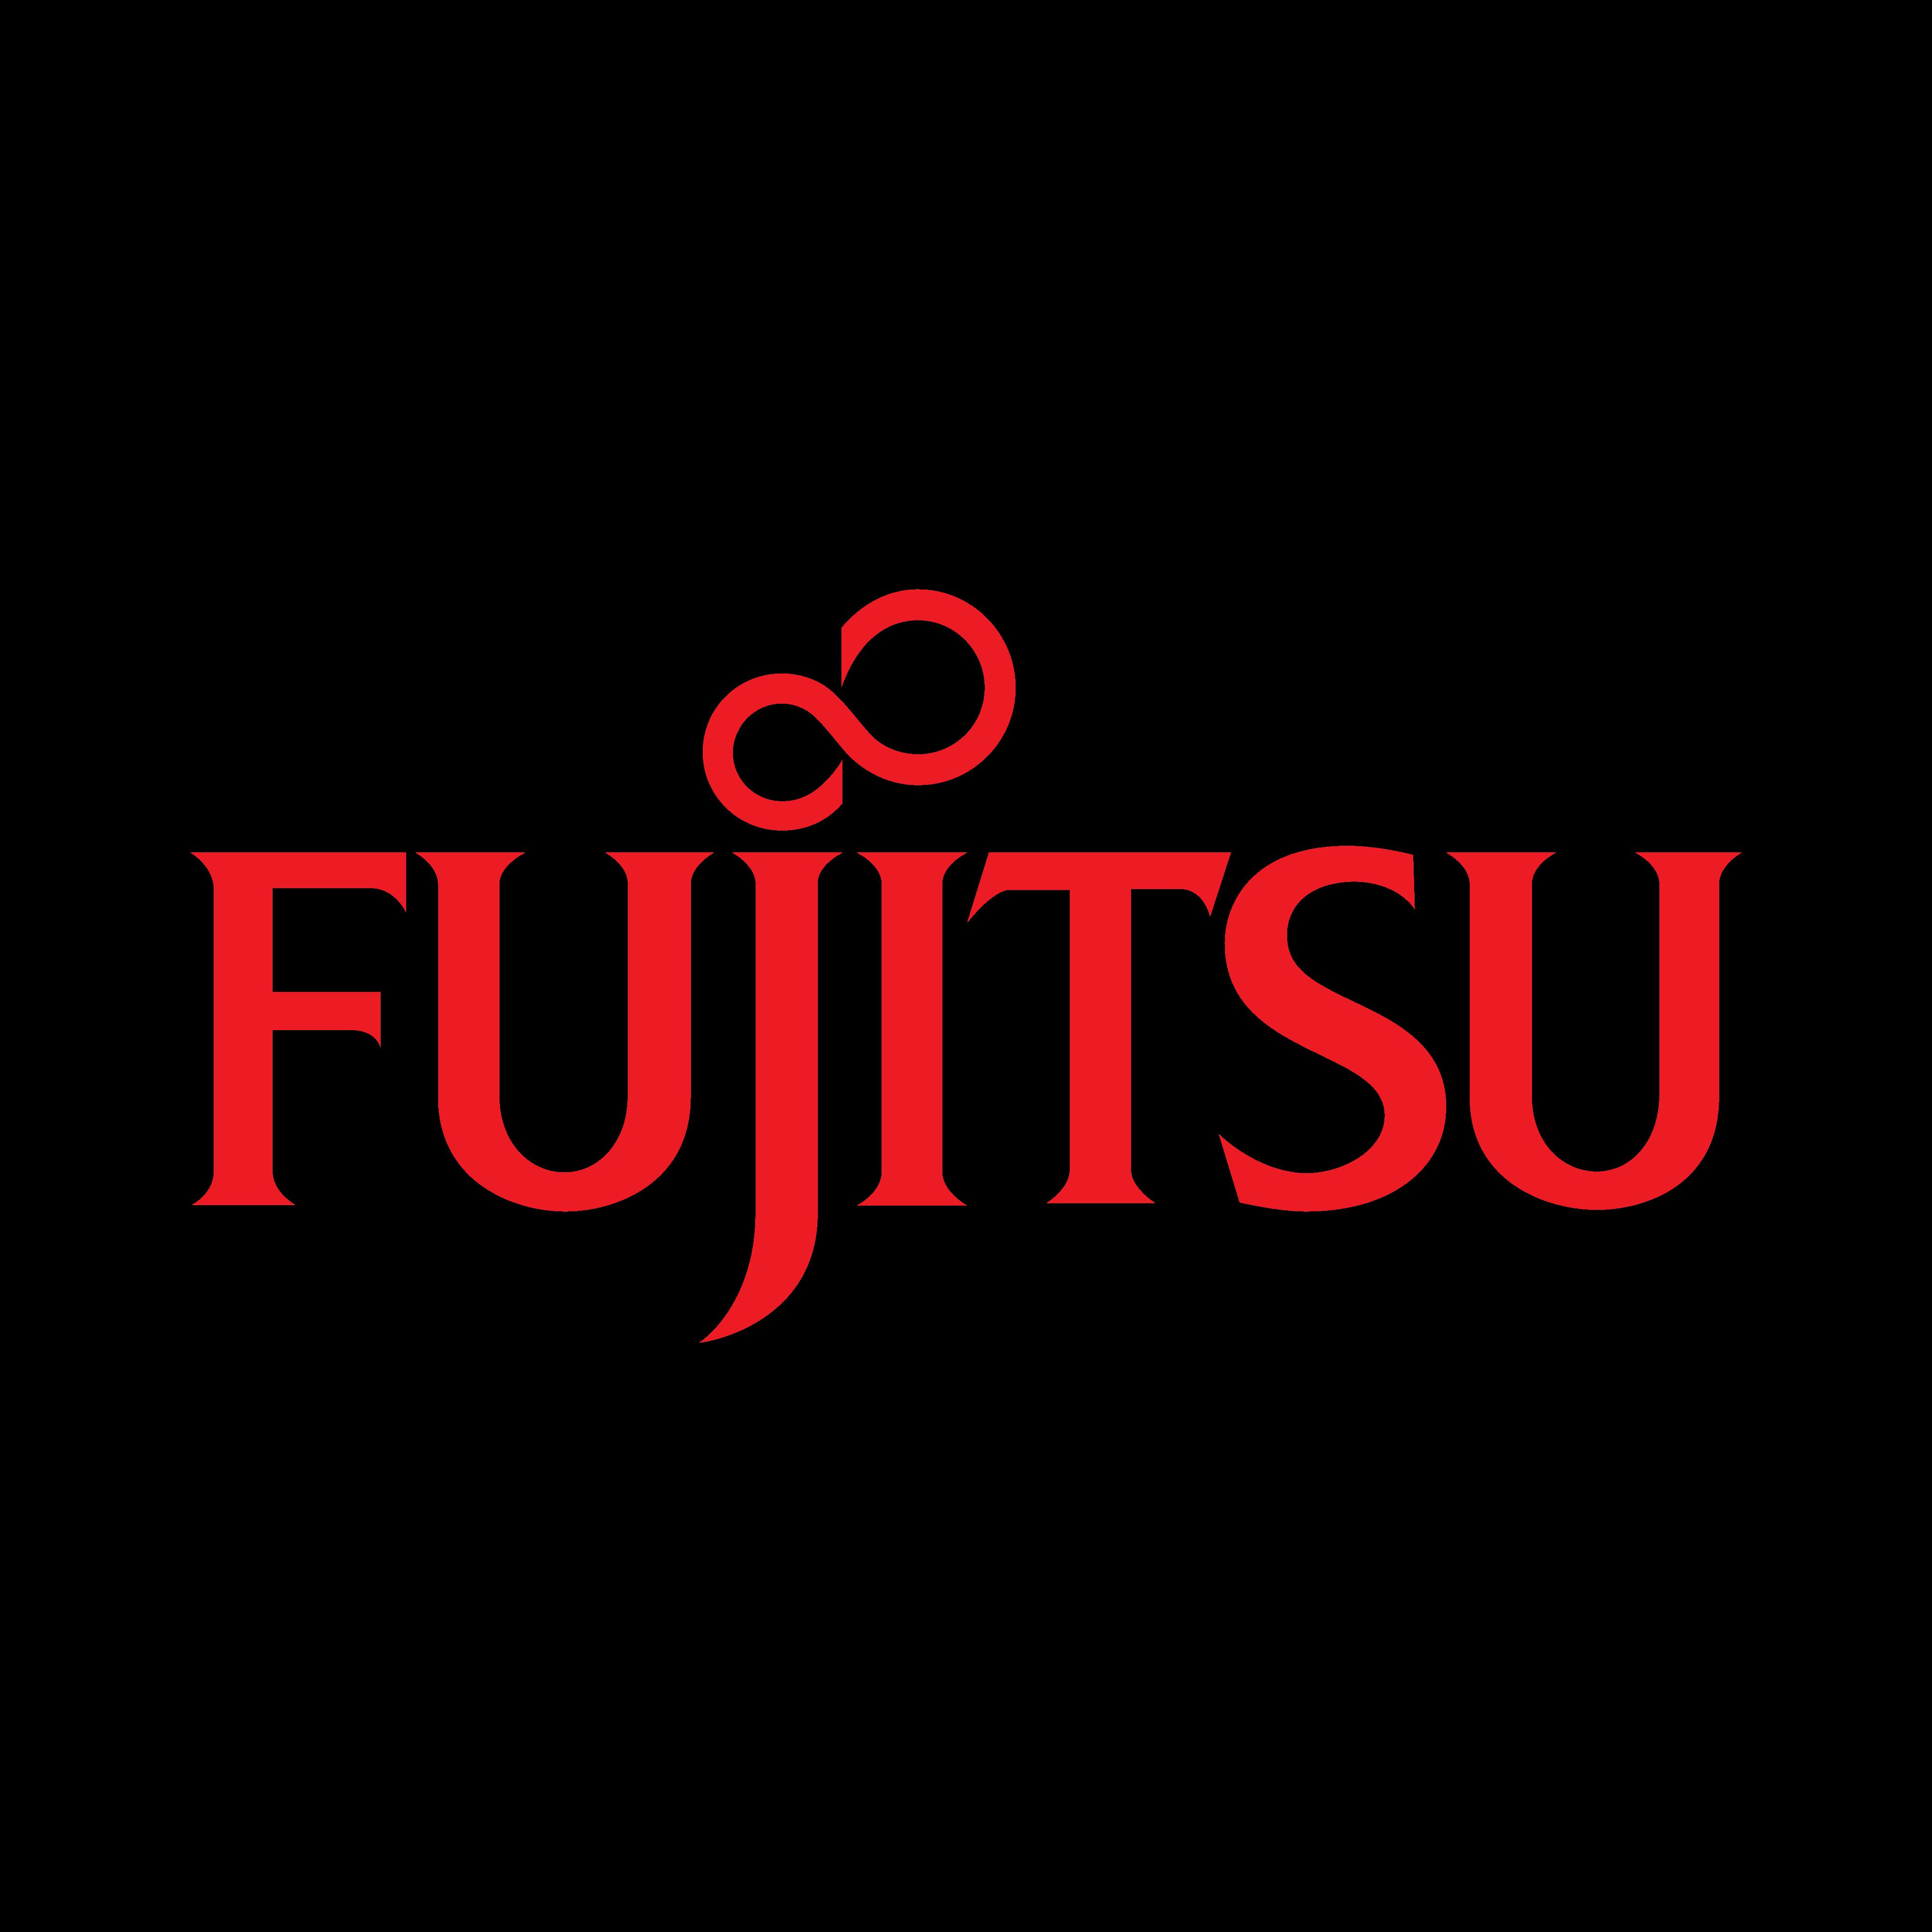 fujitsu logo 0 1 - Fujitsu Logo